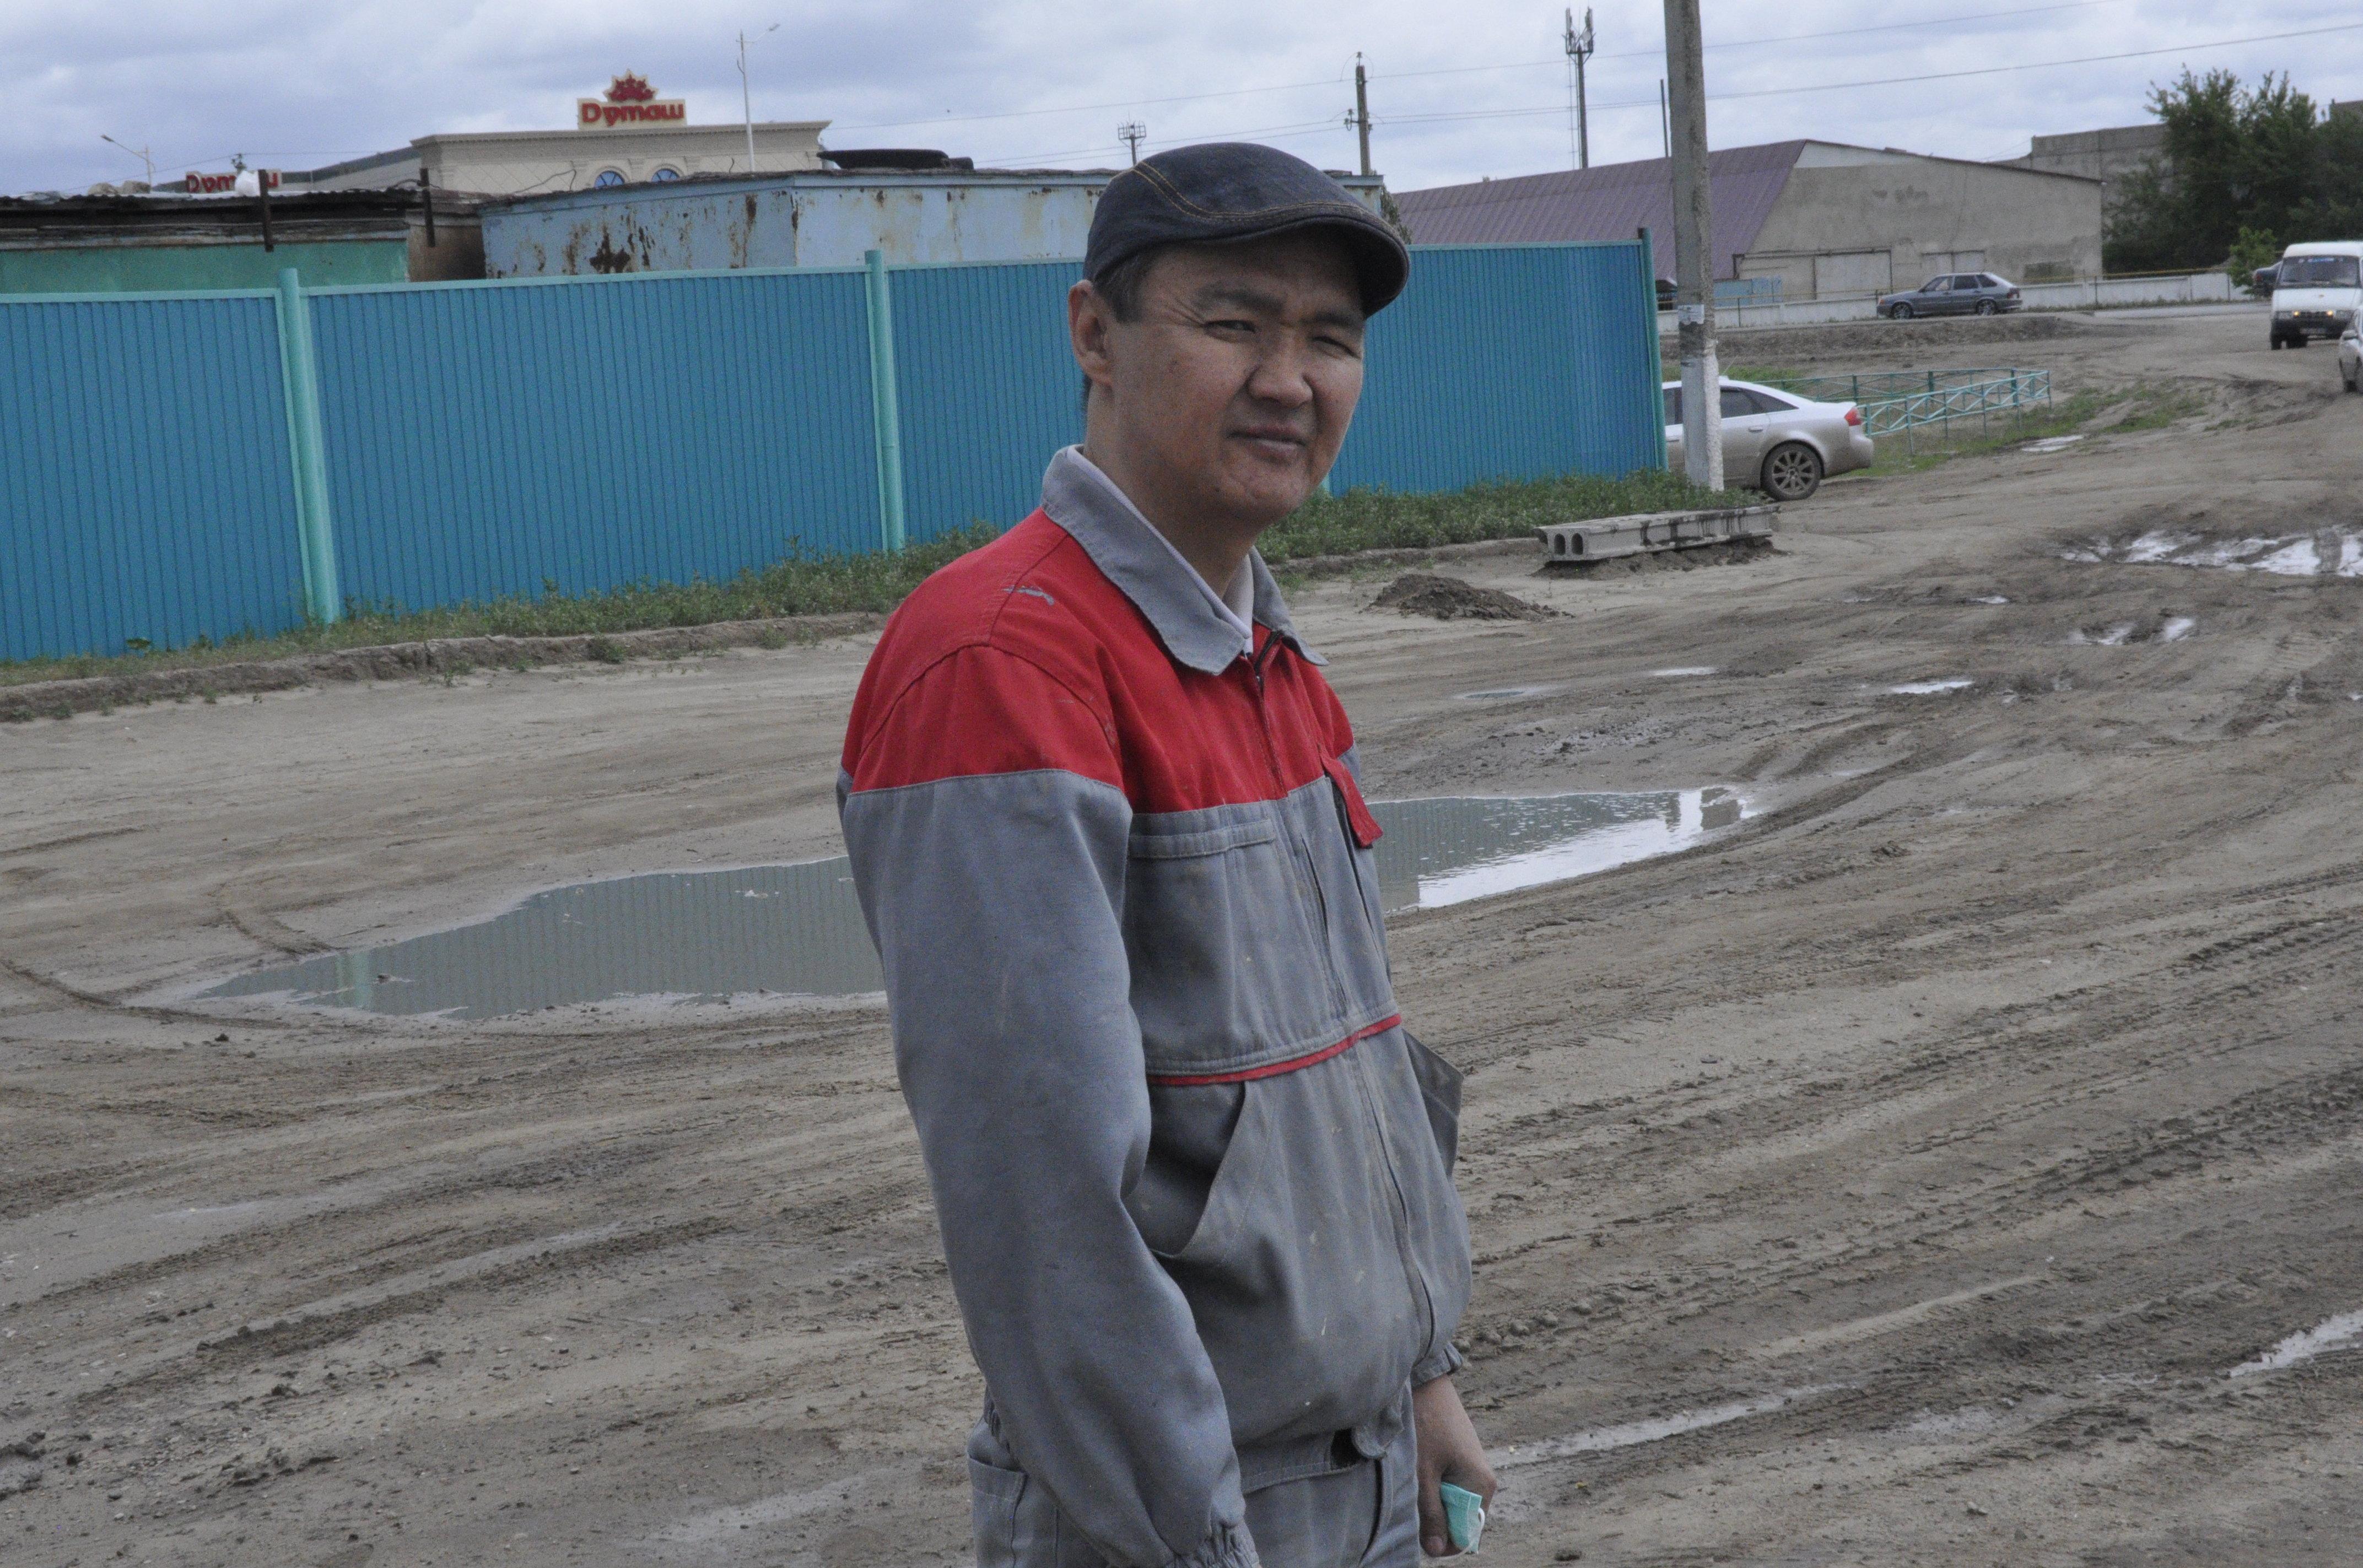 Алмат Рахметов - пострадавший во время теракта в Актобе 5 июня 2016 года